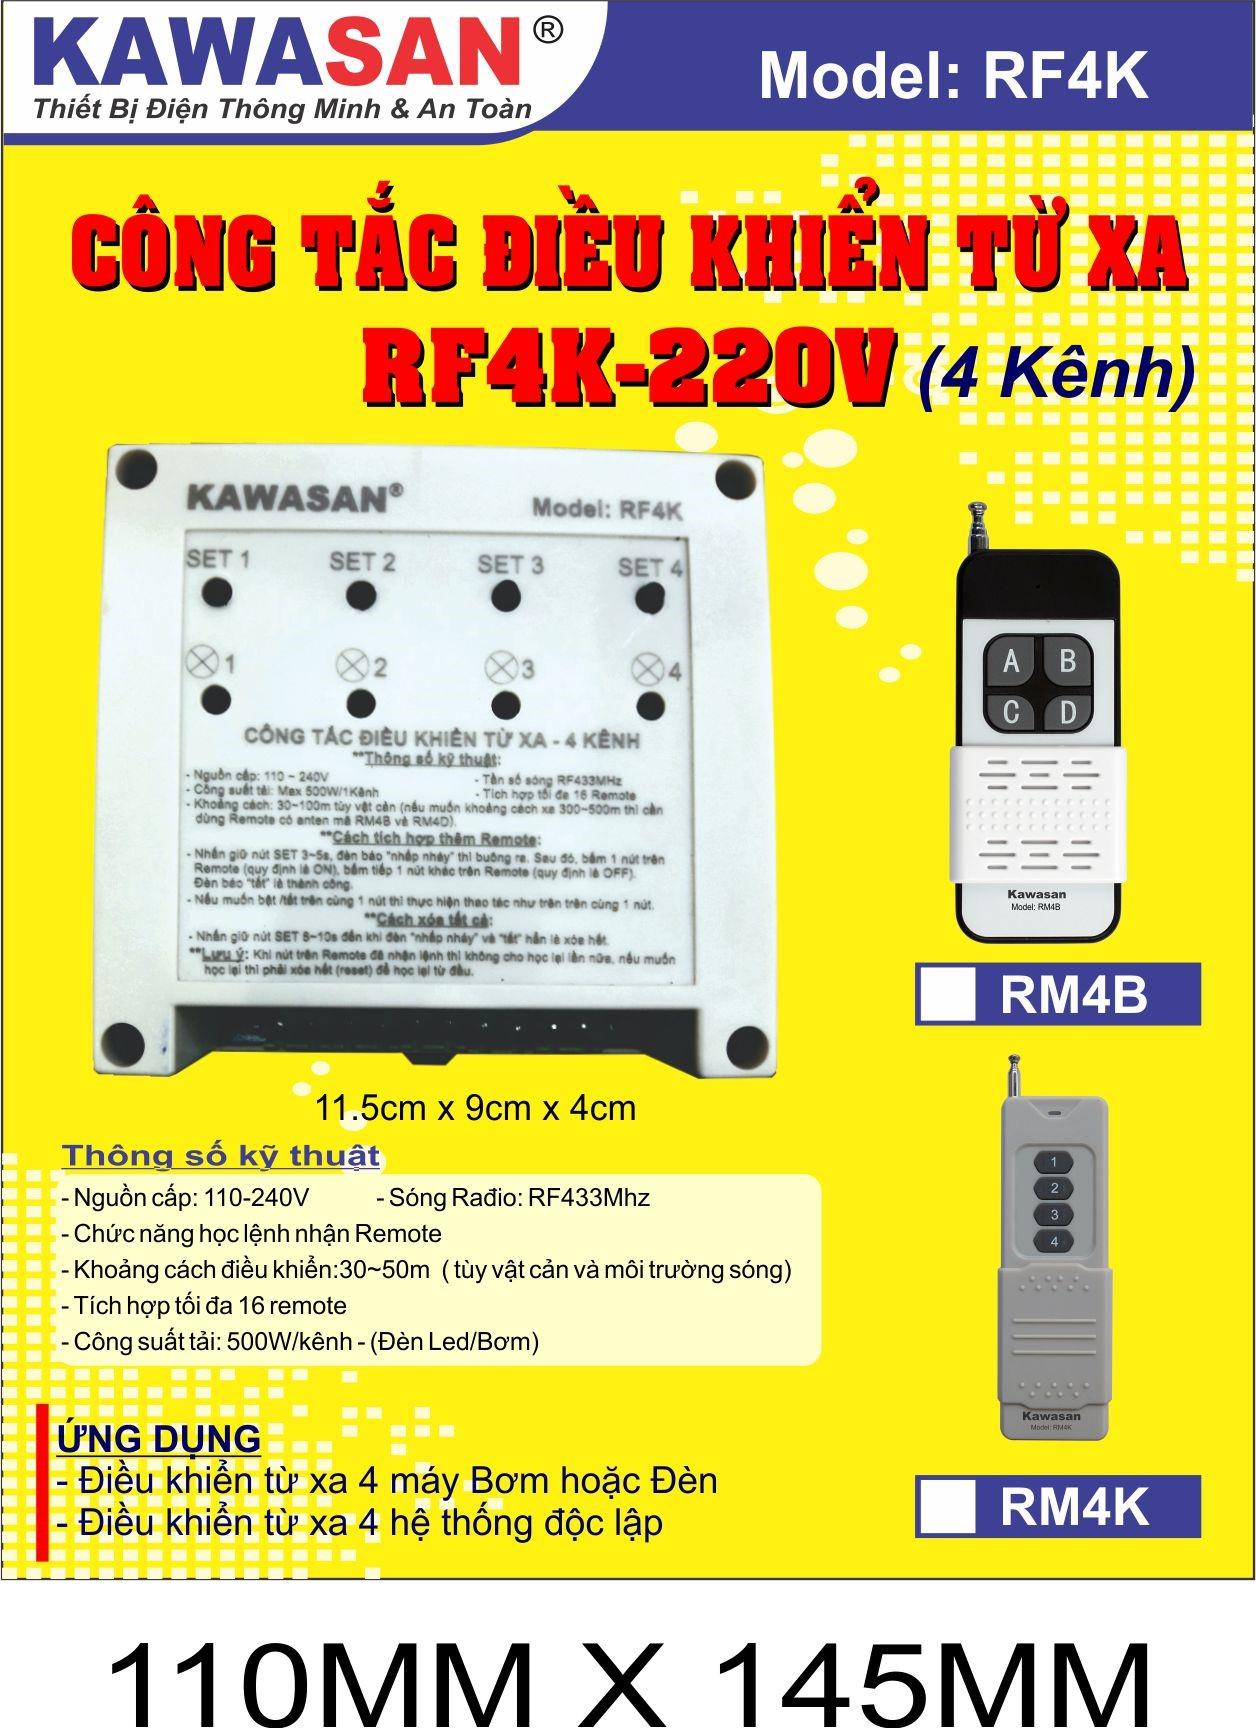 Điều khiển từ xa đa nhiệm RF4K-220V